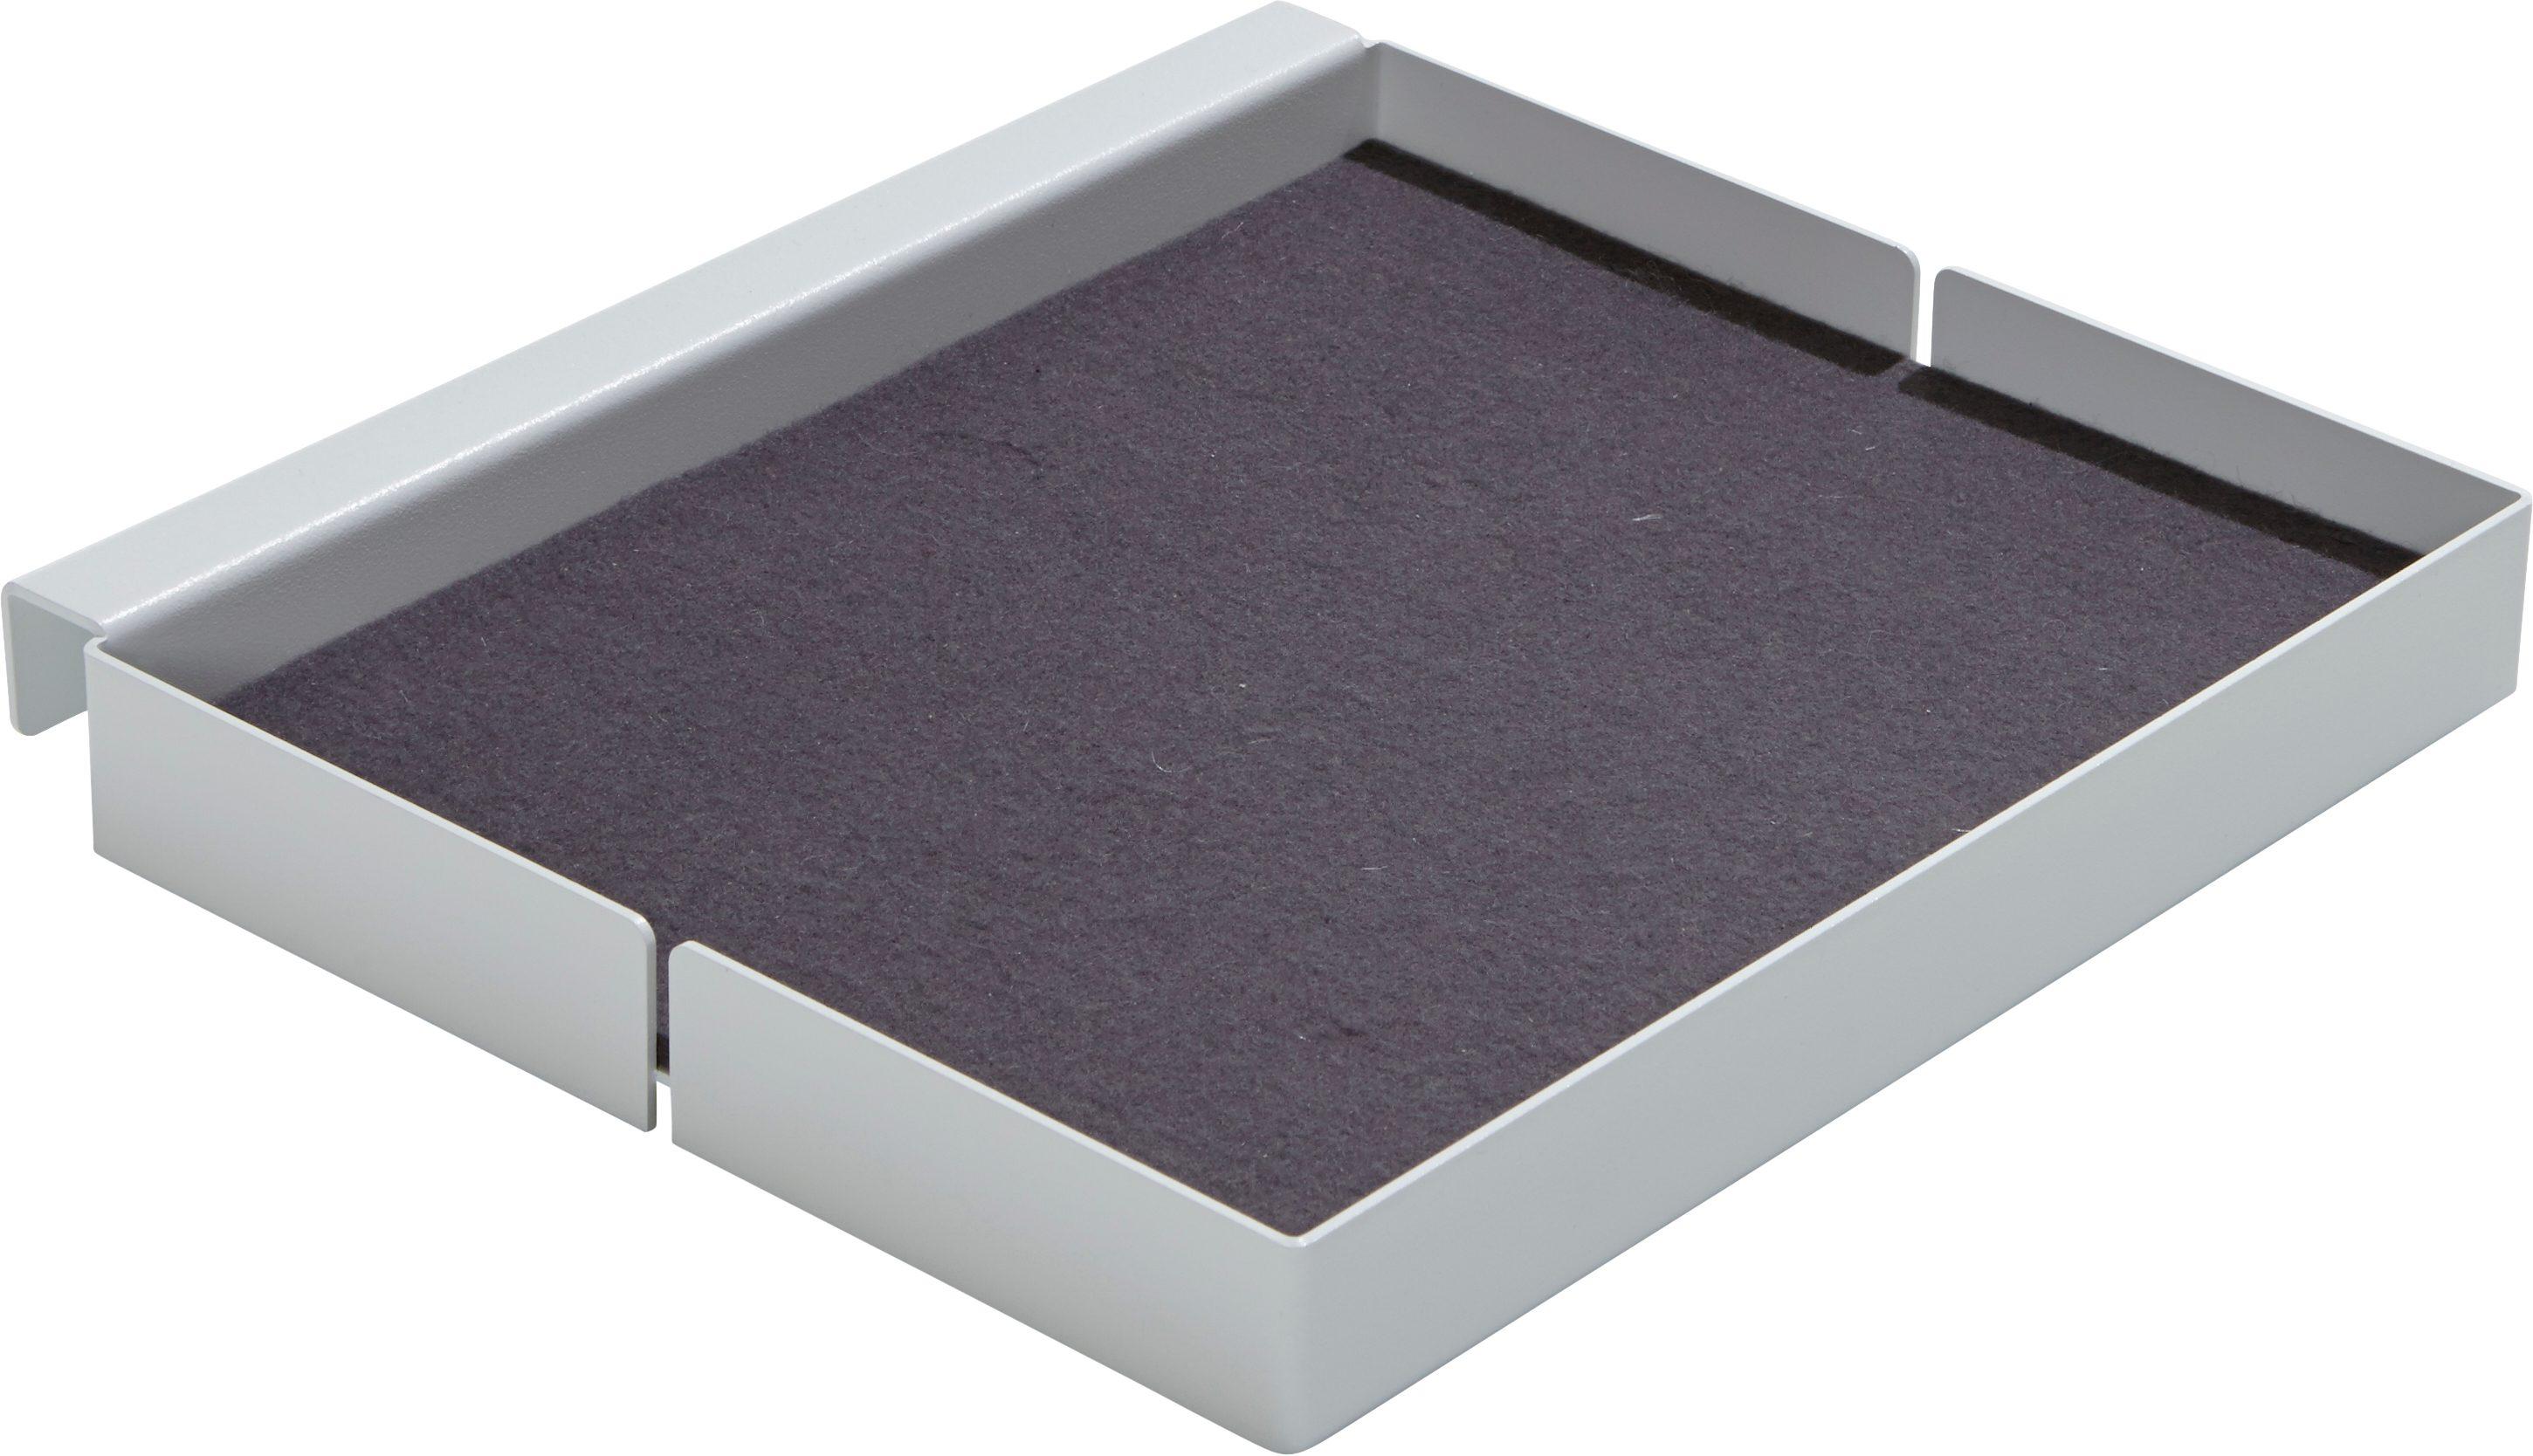 müller möbelwerkstätten® Add-On Element 3, passend für die Betten »FLAI« und »PLANE«